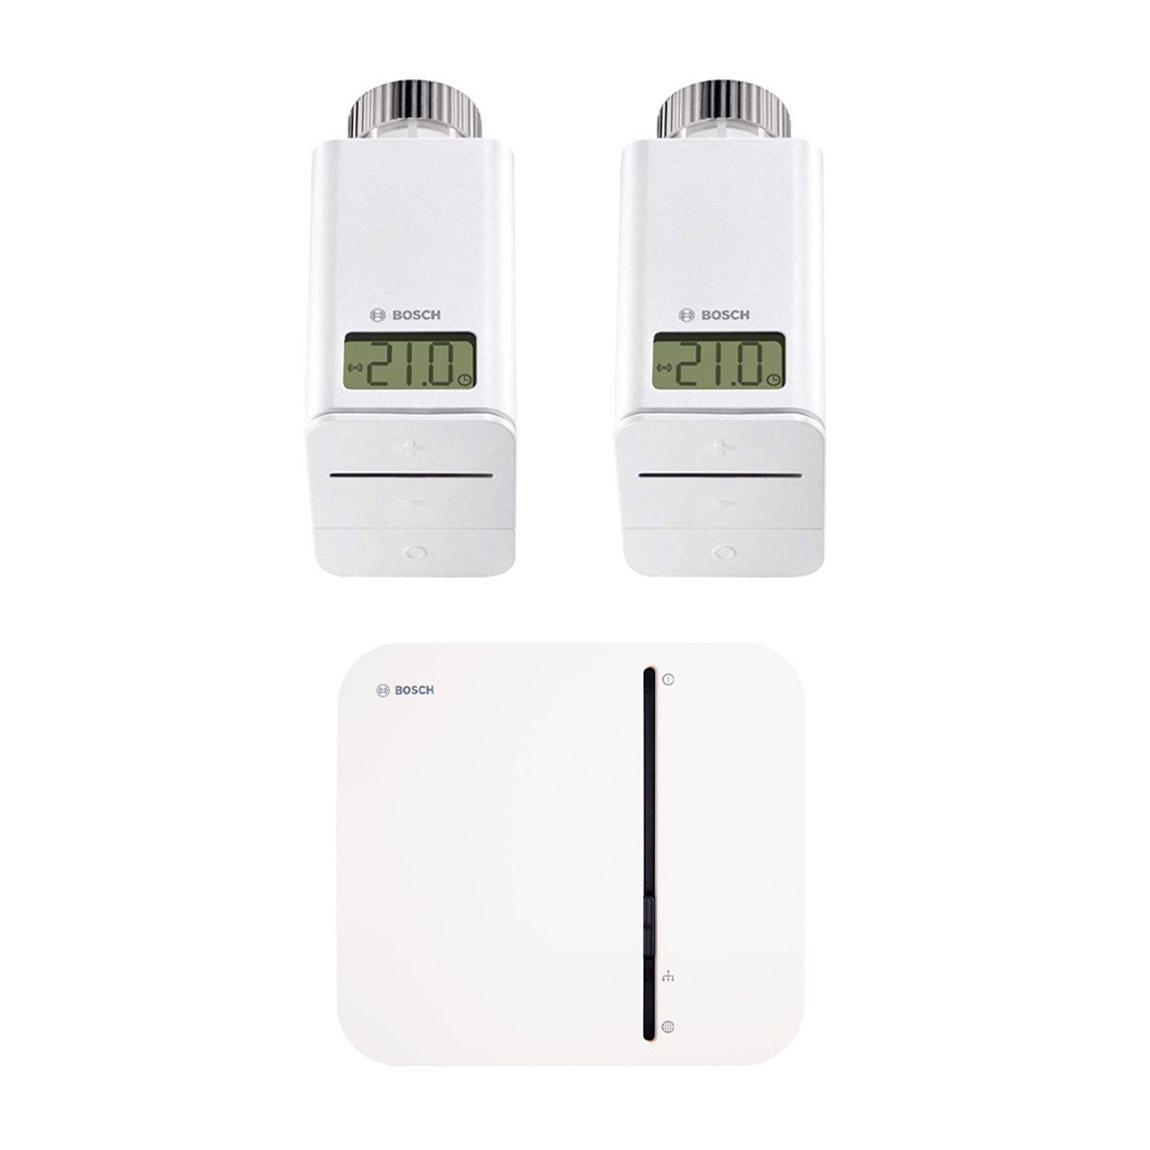 Bosch Smart Home - Starter Set Heizung mit 2 Thermostaten